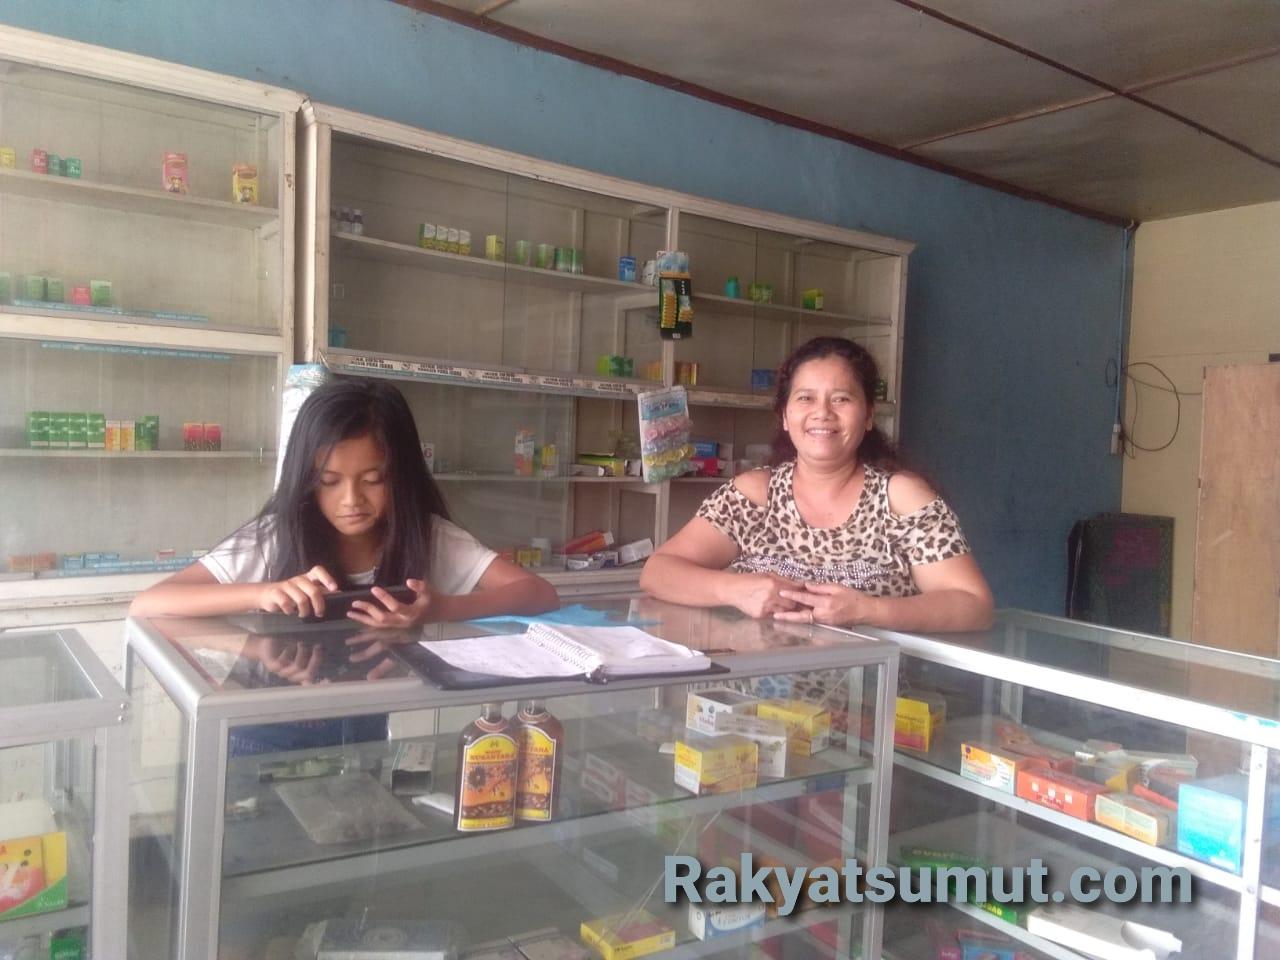 Apoteker di salah satu Apotek di Tarutung, Tapanuli Utara, Sumatera Utara. Foto: Rakyatsumut.com/ Paska Marbun